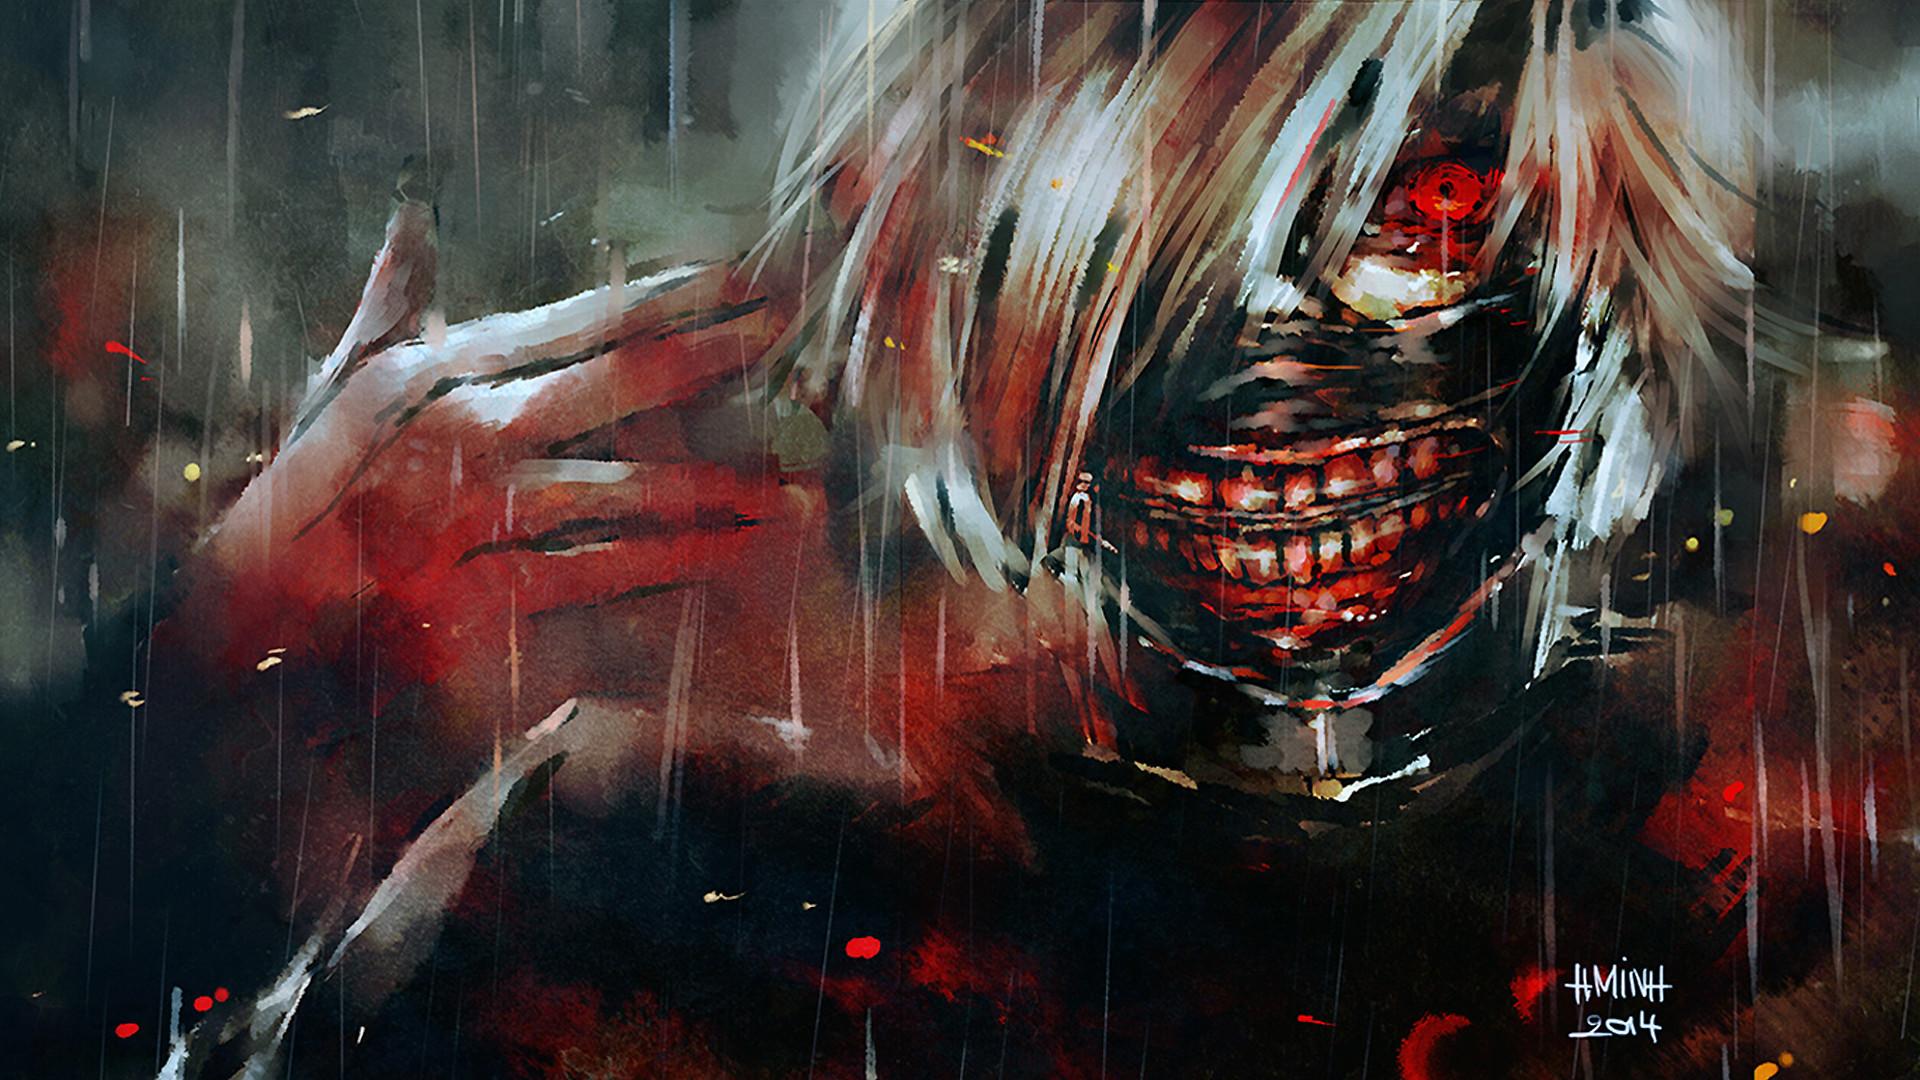 Tokyo Ghoul wallpaper wallpaper free download 1440×900 Tokyo Ghoul  Wallpapers (32 Wallpapers)